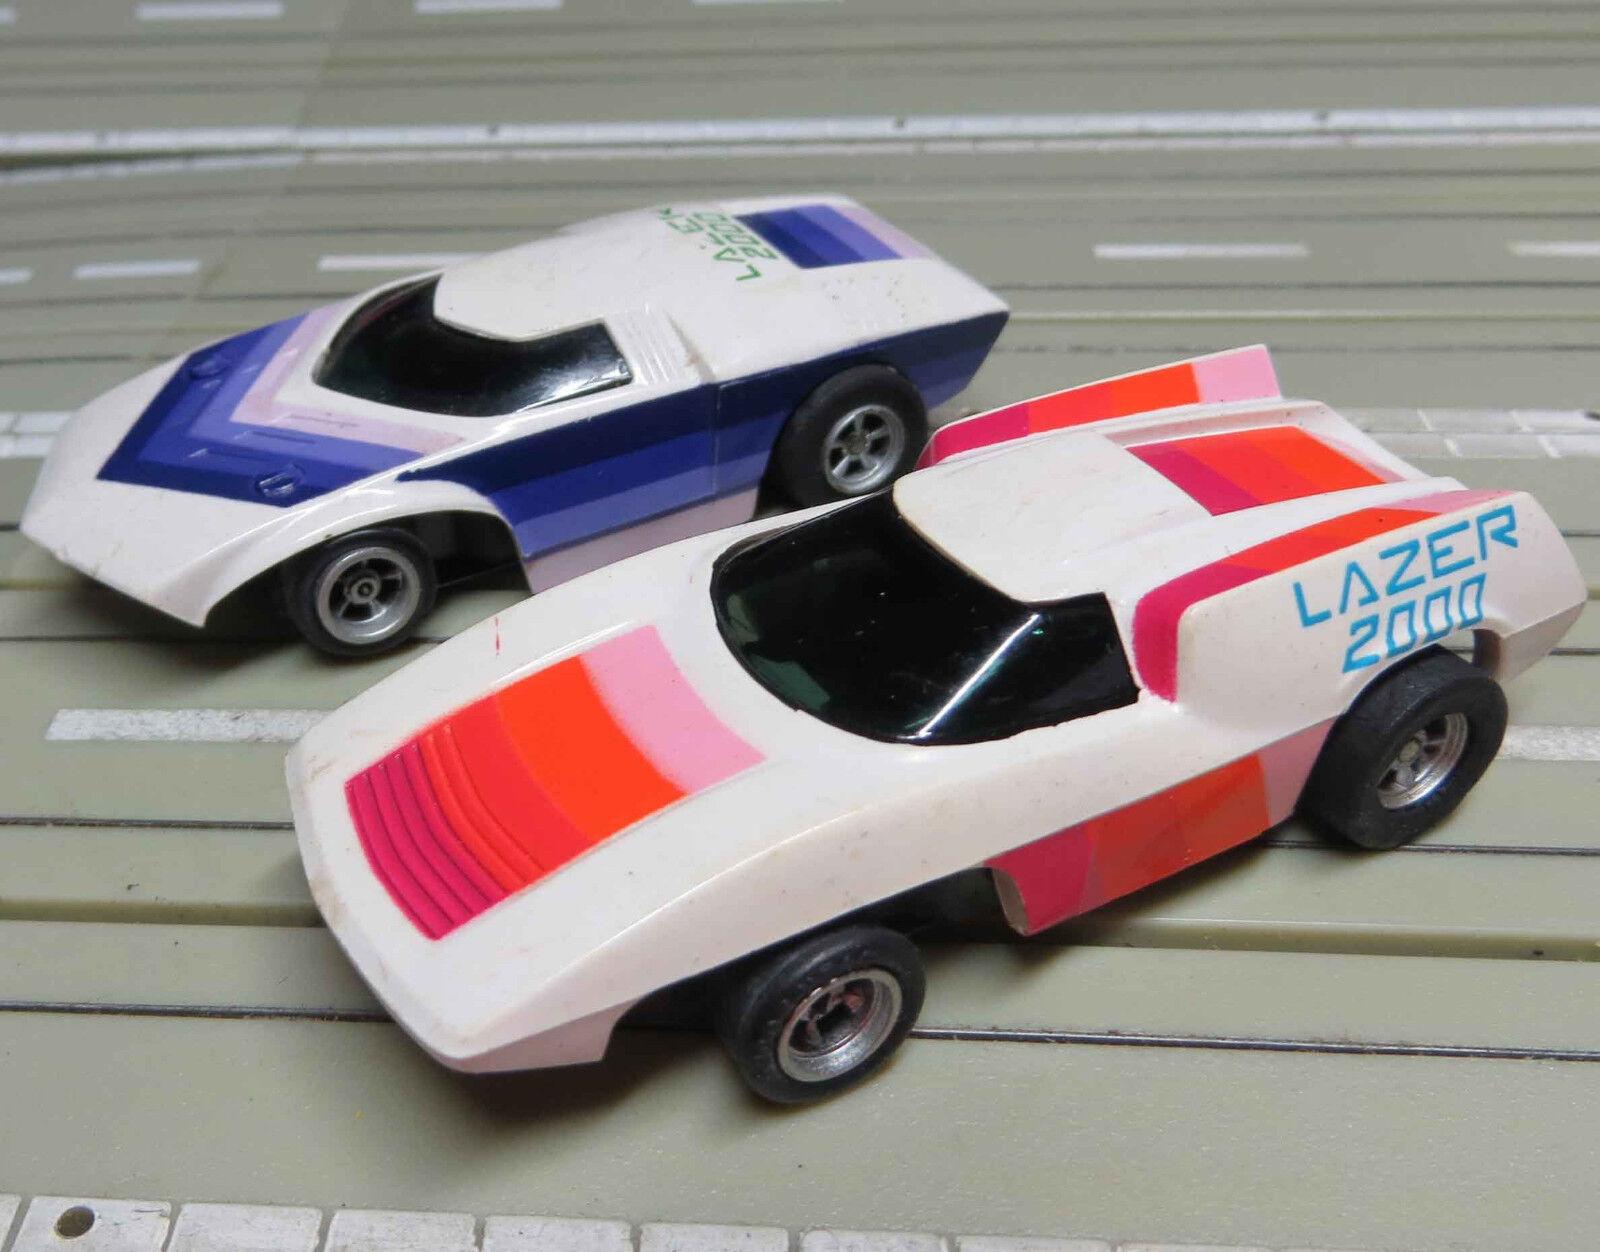 Für H0 Slotcar Racing Modelbahn -- 2 Lazer mit AFX Chassis, + 4 neue Schleifer